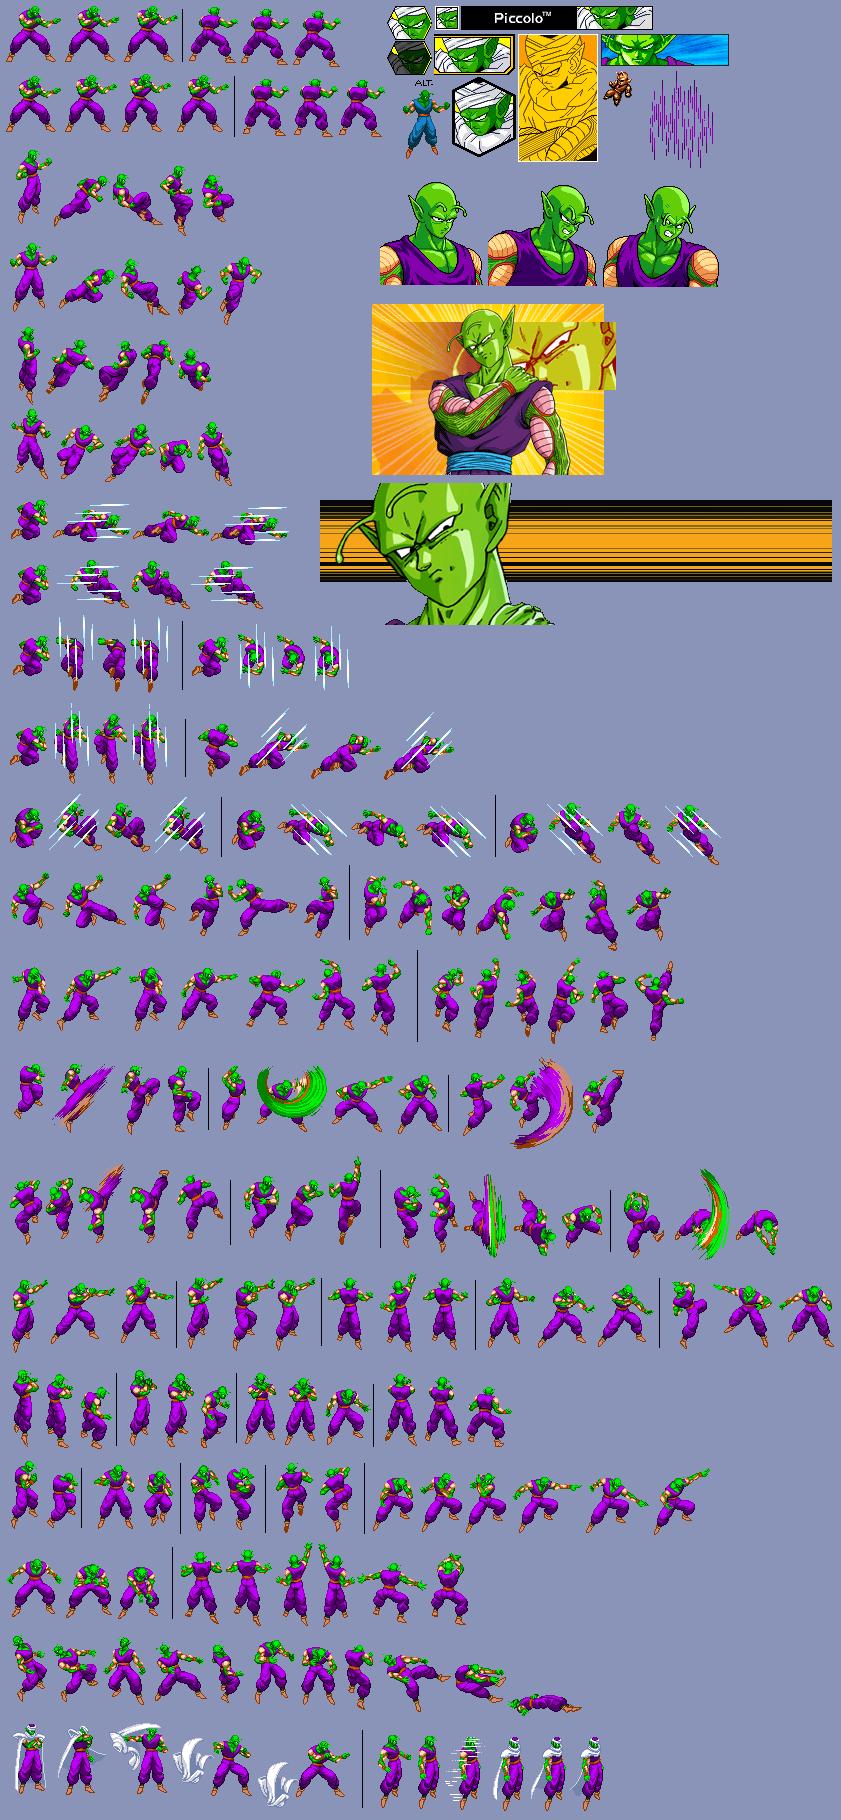 Resultado De Imagen Para Sprites De Sonic Coisas Para Comprar